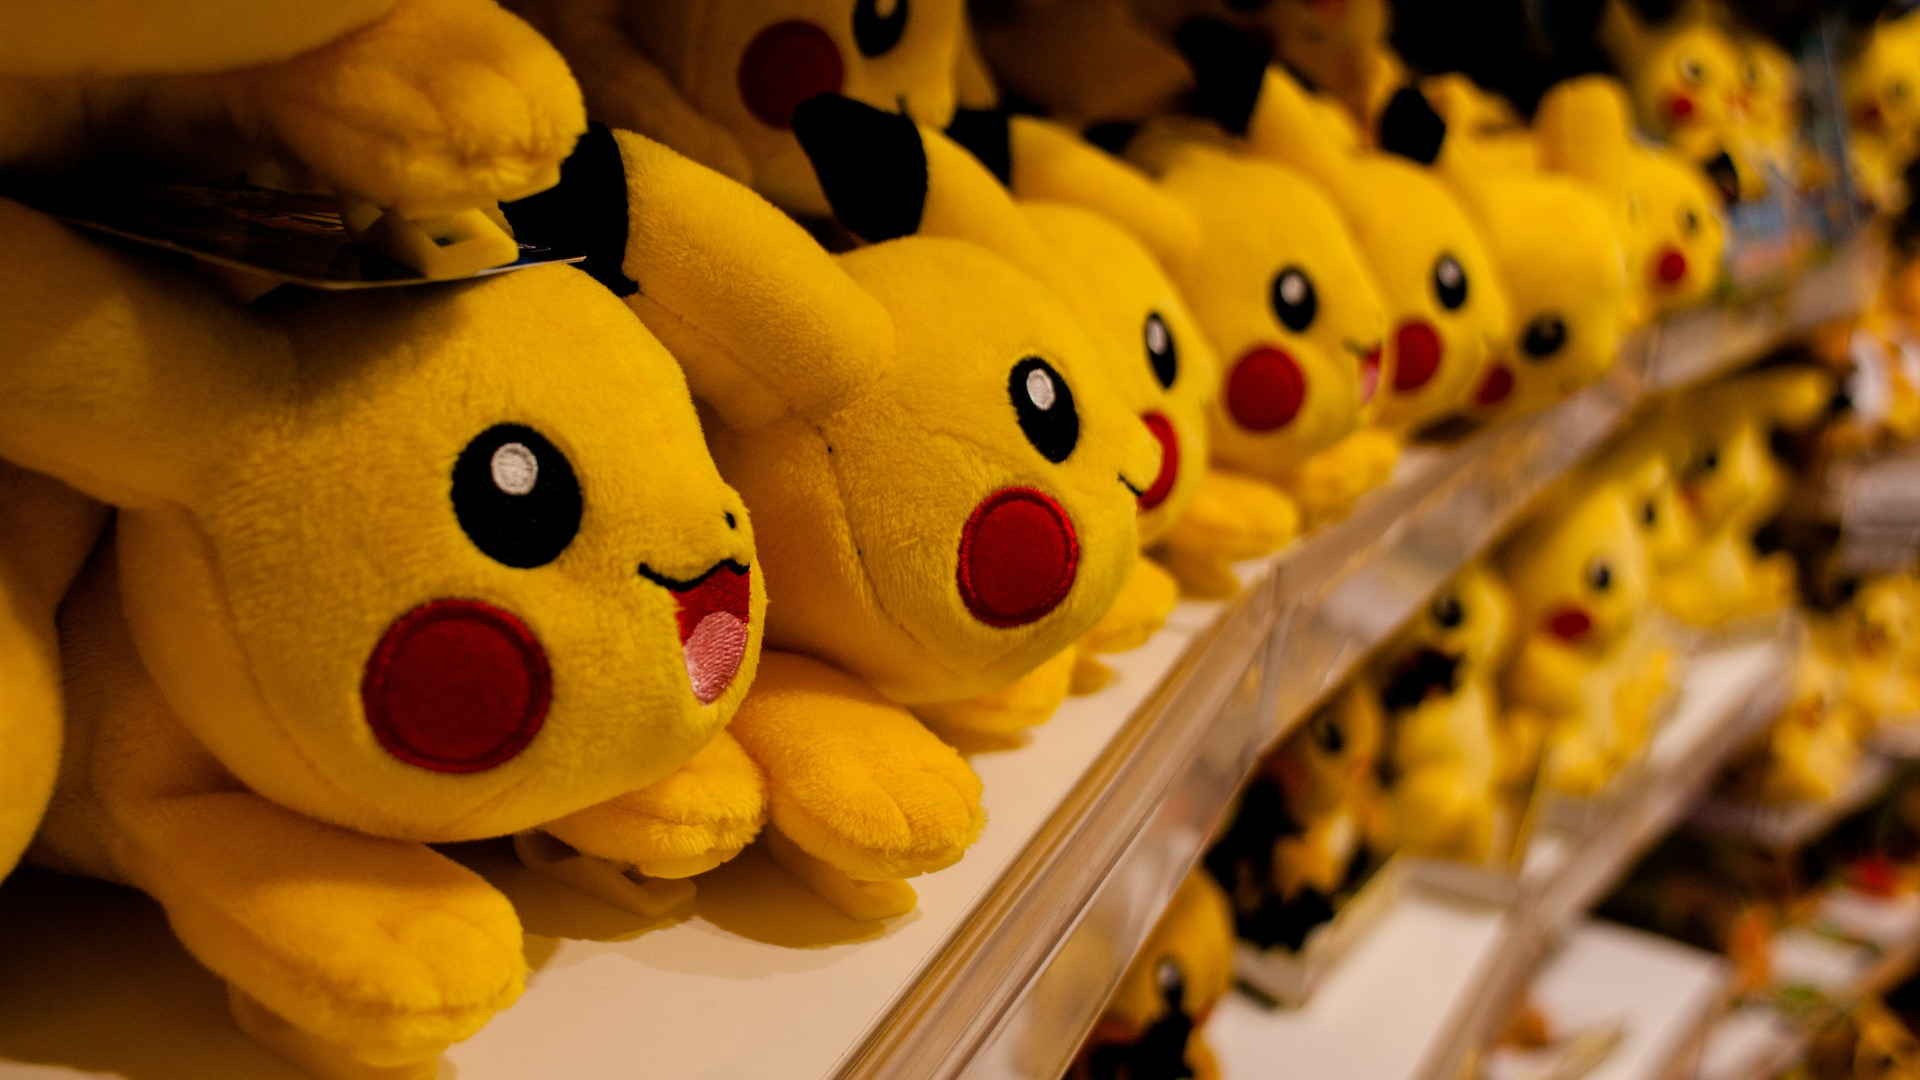 Imprezowy Pikachu w Pokemon GO. Niantic nie zwalnia tempa i szykuje kolejny event